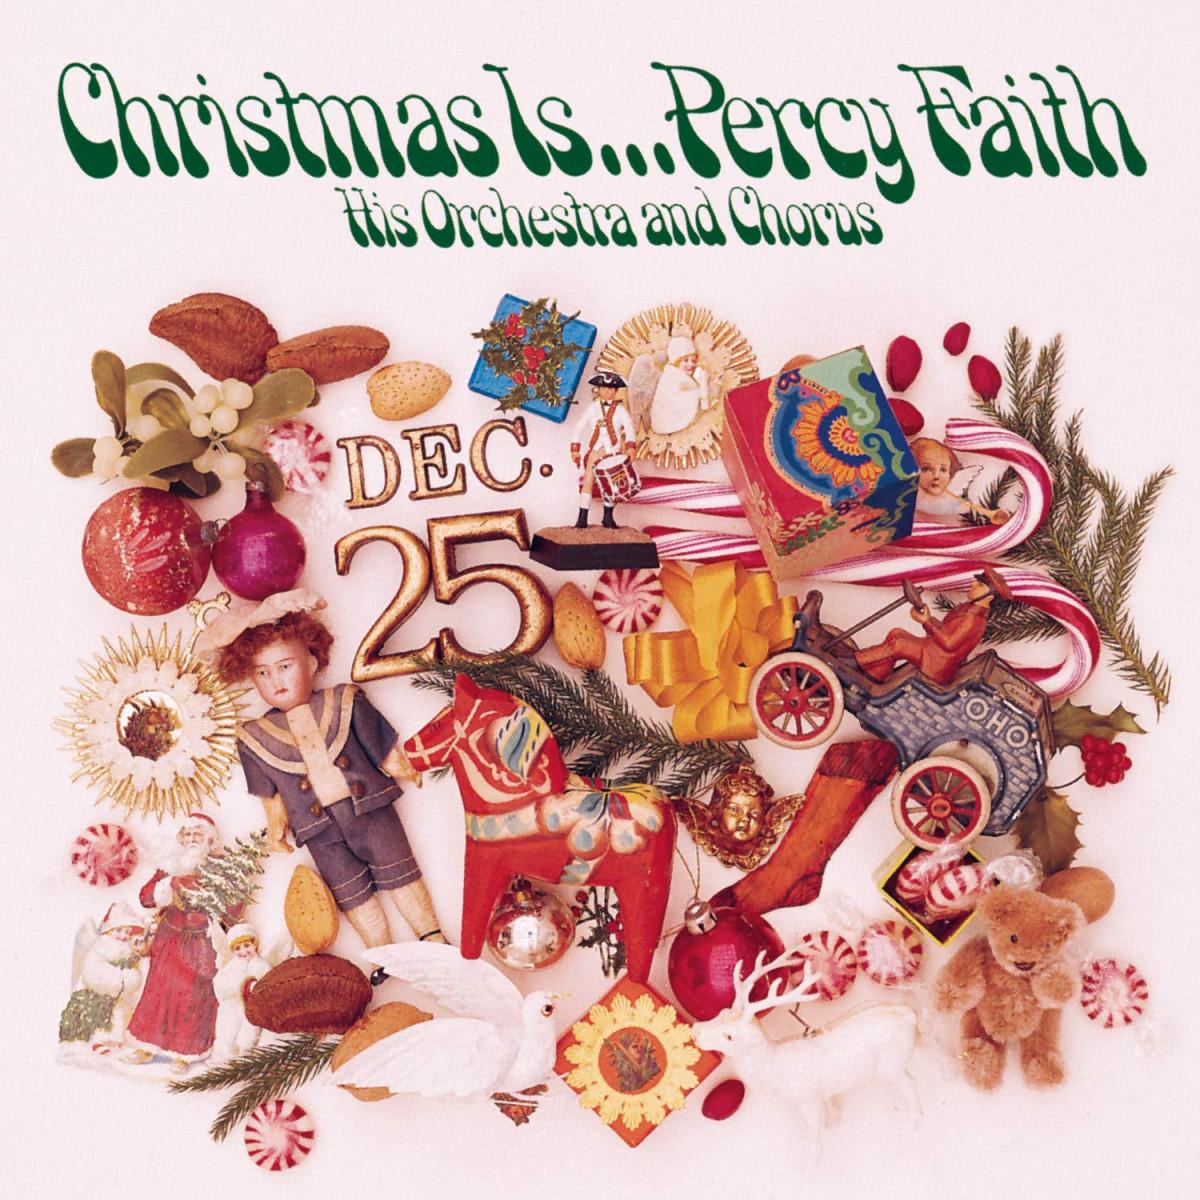 Percy Faith - Happy holiday